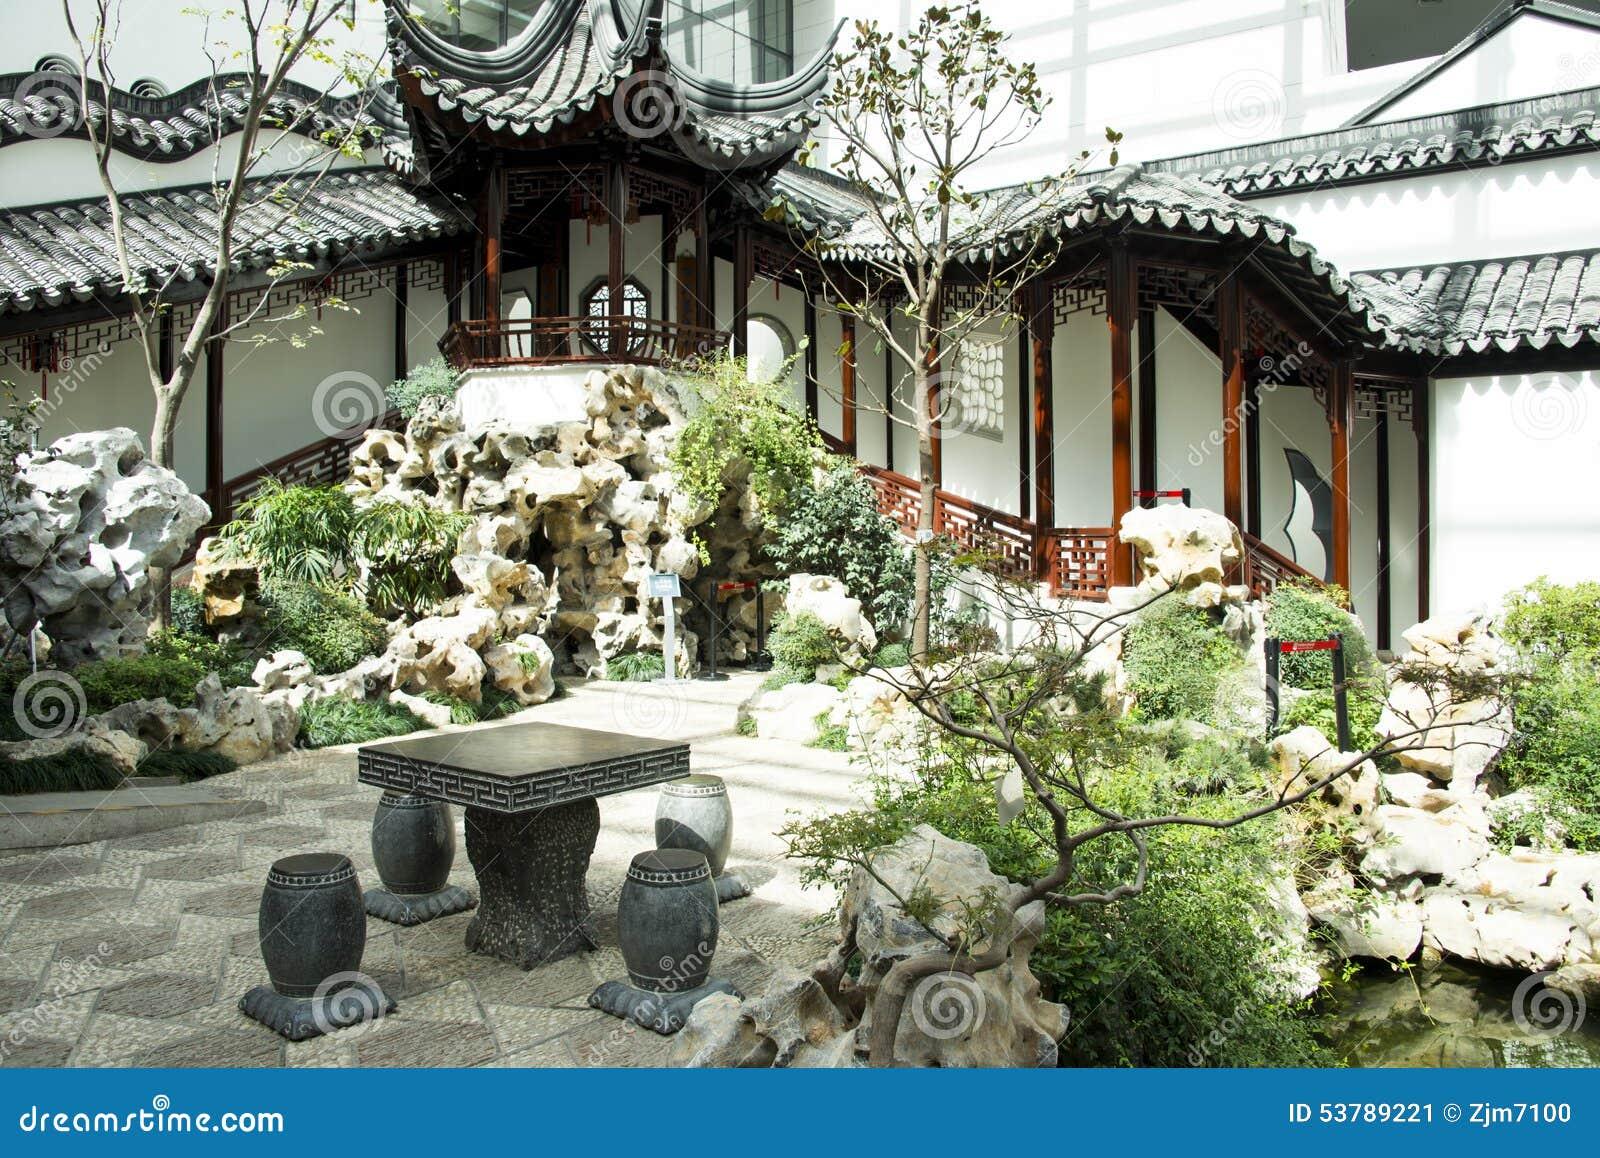 Chino de asia museo del jard n de pek n china patio for Jardin de china